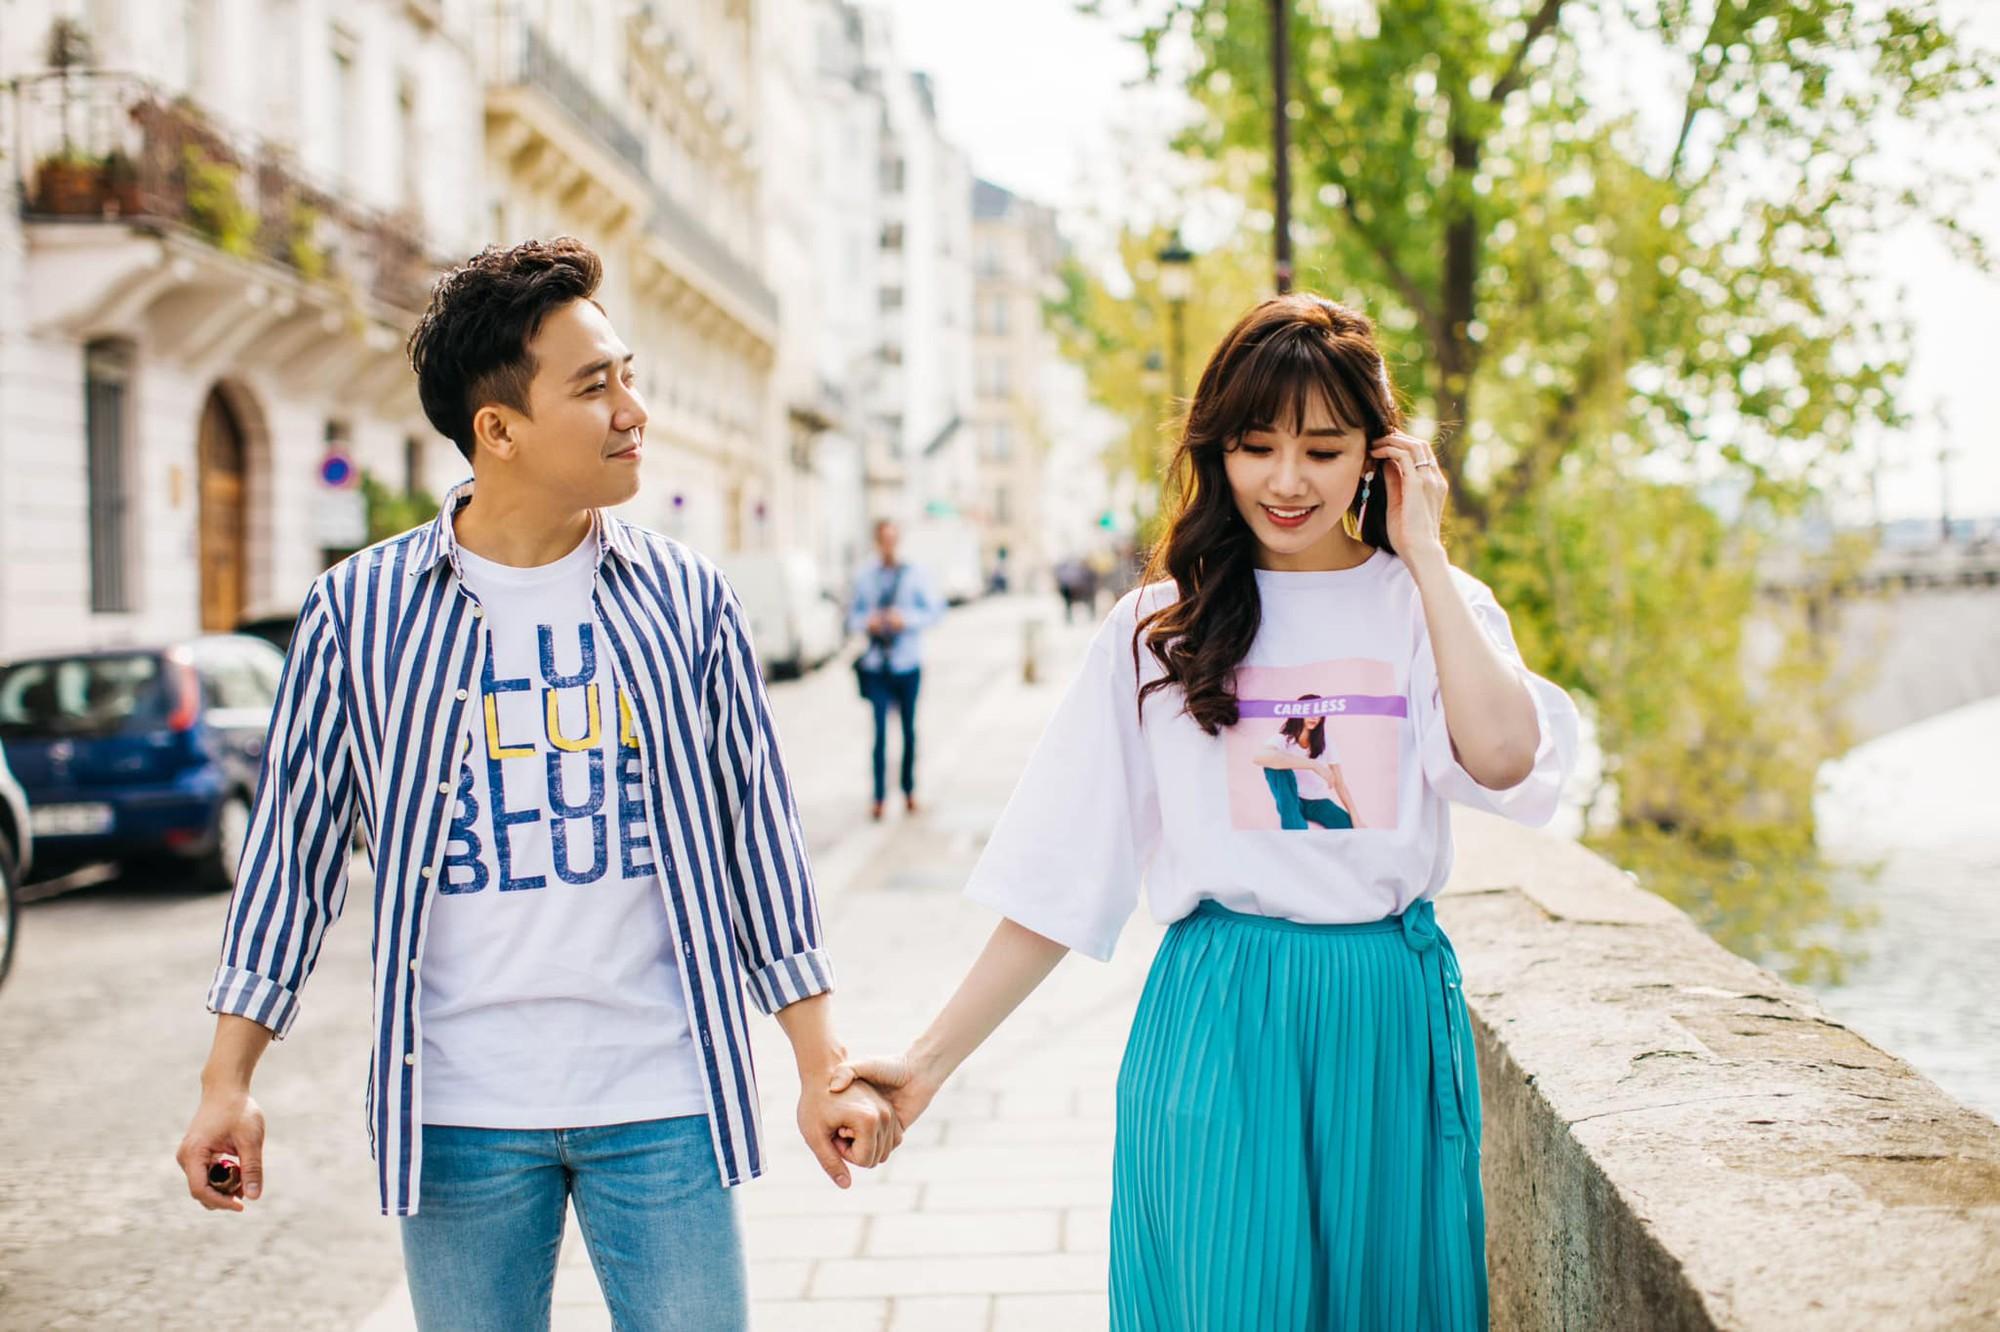 Trấn Thành vừa tung ảnh với Hari Won, fan lan truyền chóng mặt 2